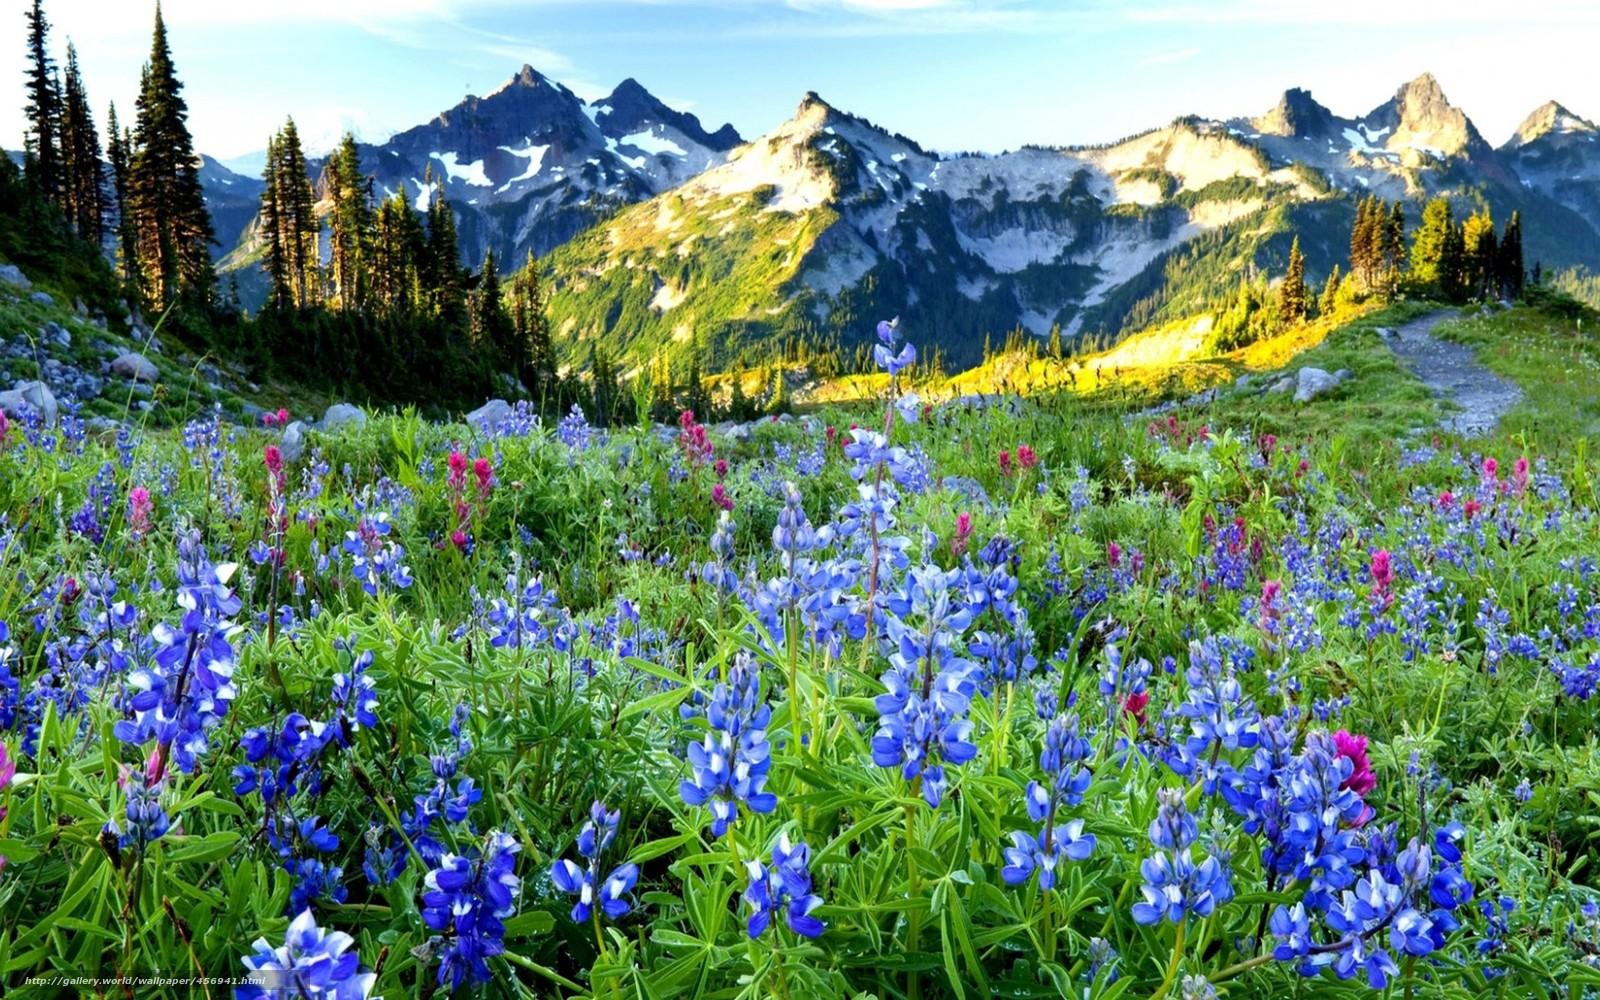 Scaricare Gli Sfondi Primavera Montagne Fiori Sfondi Gratis Per La